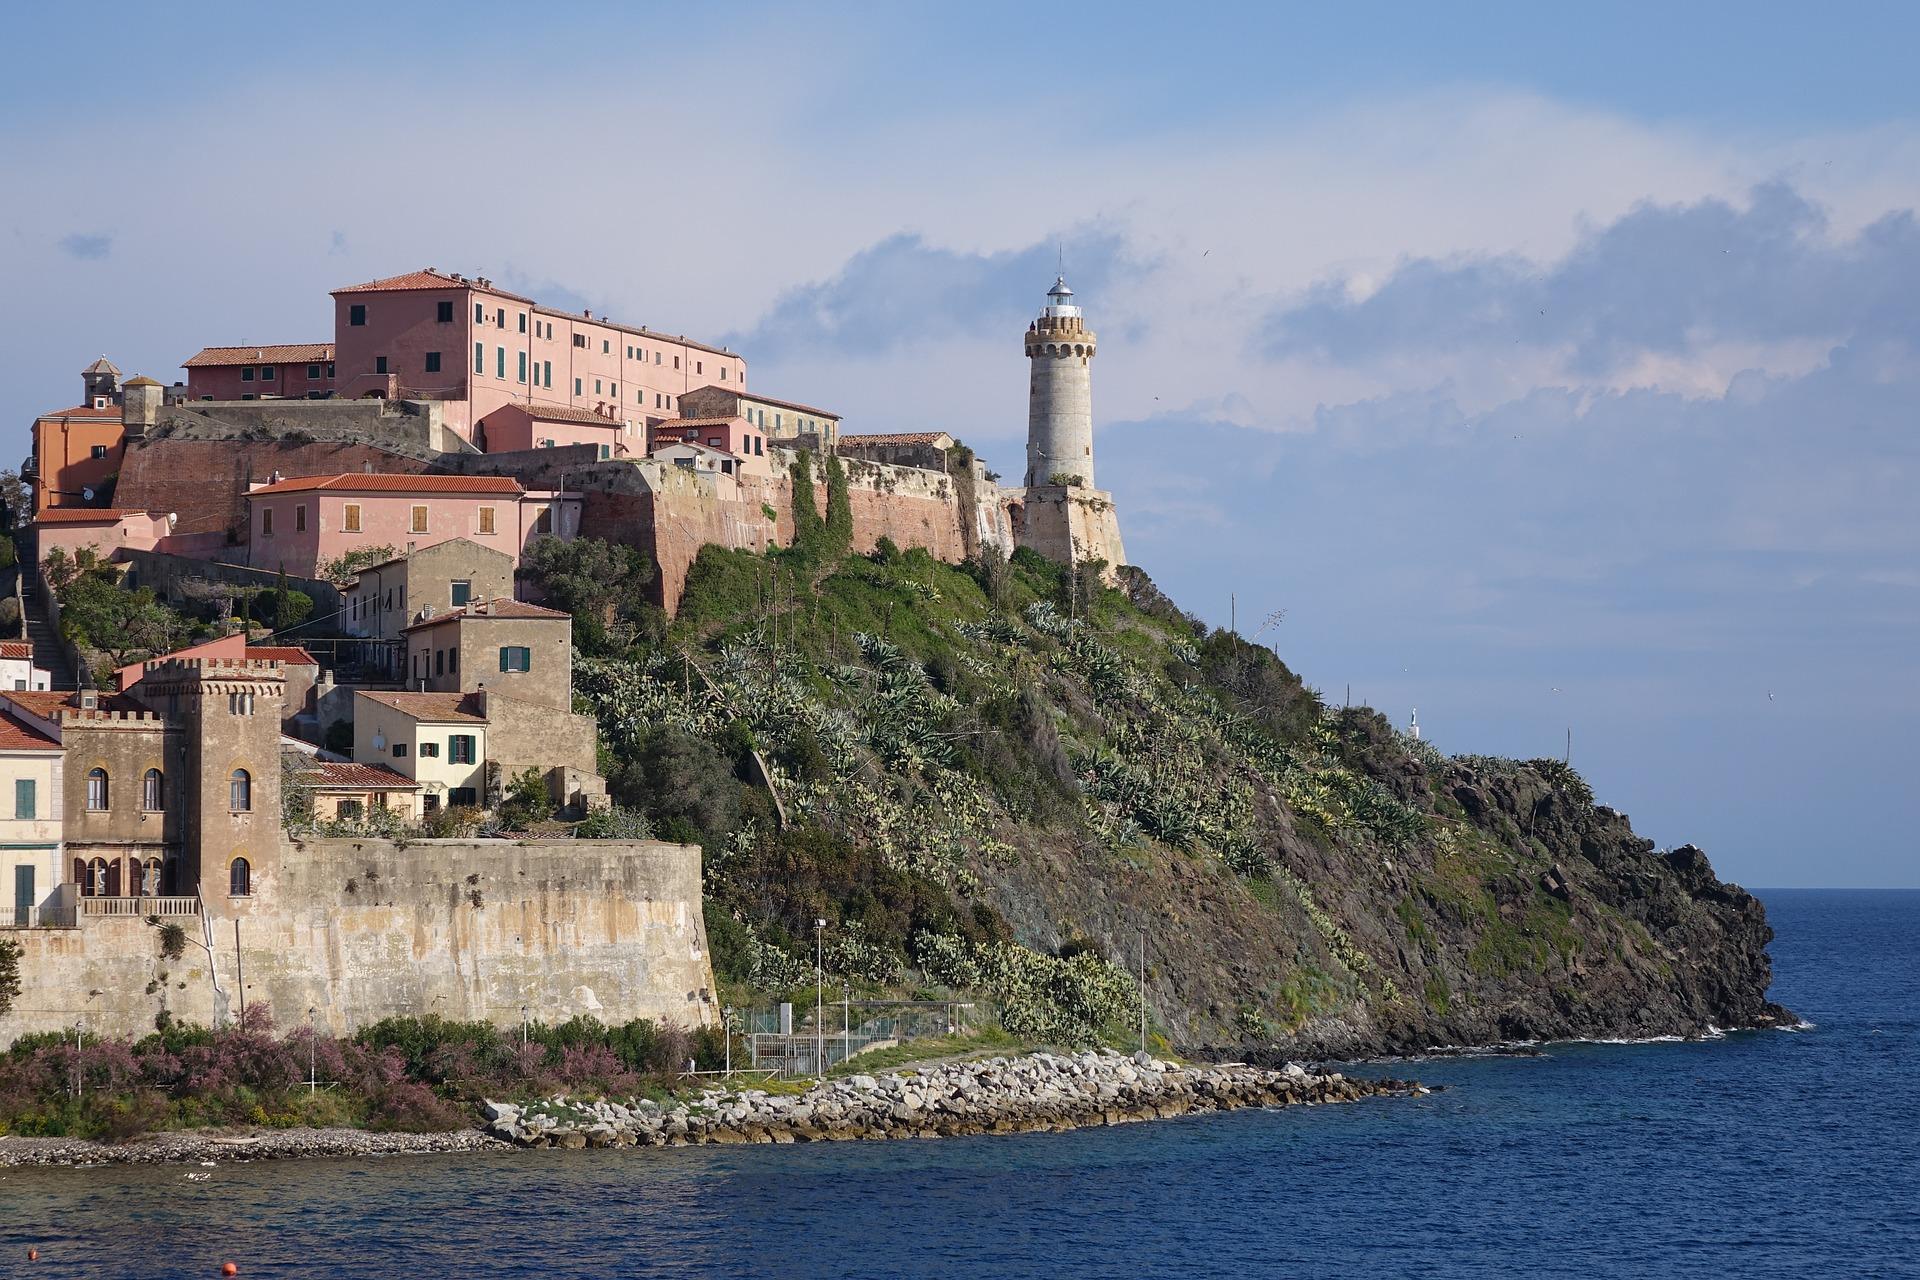 Exploring the tiny Island of Elba, Tuscany, Italy